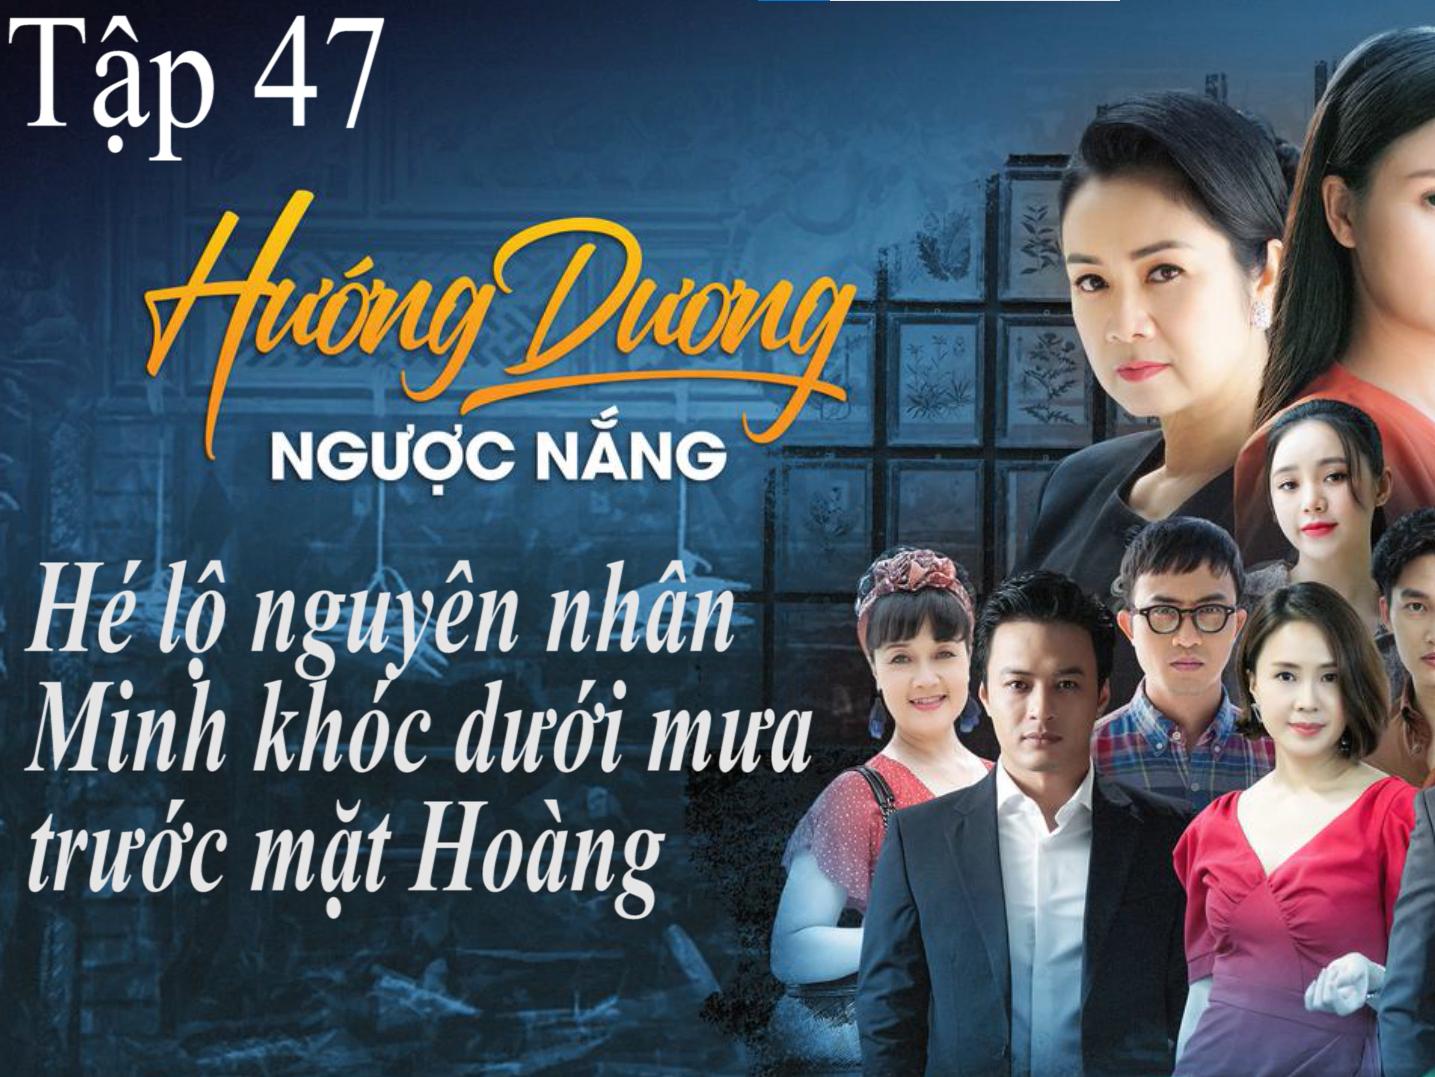 Hướng dương ngược nắng tập 47: Hé lộ nguyên nhân Minh khóc dưới mưa trước mặt Hoàng